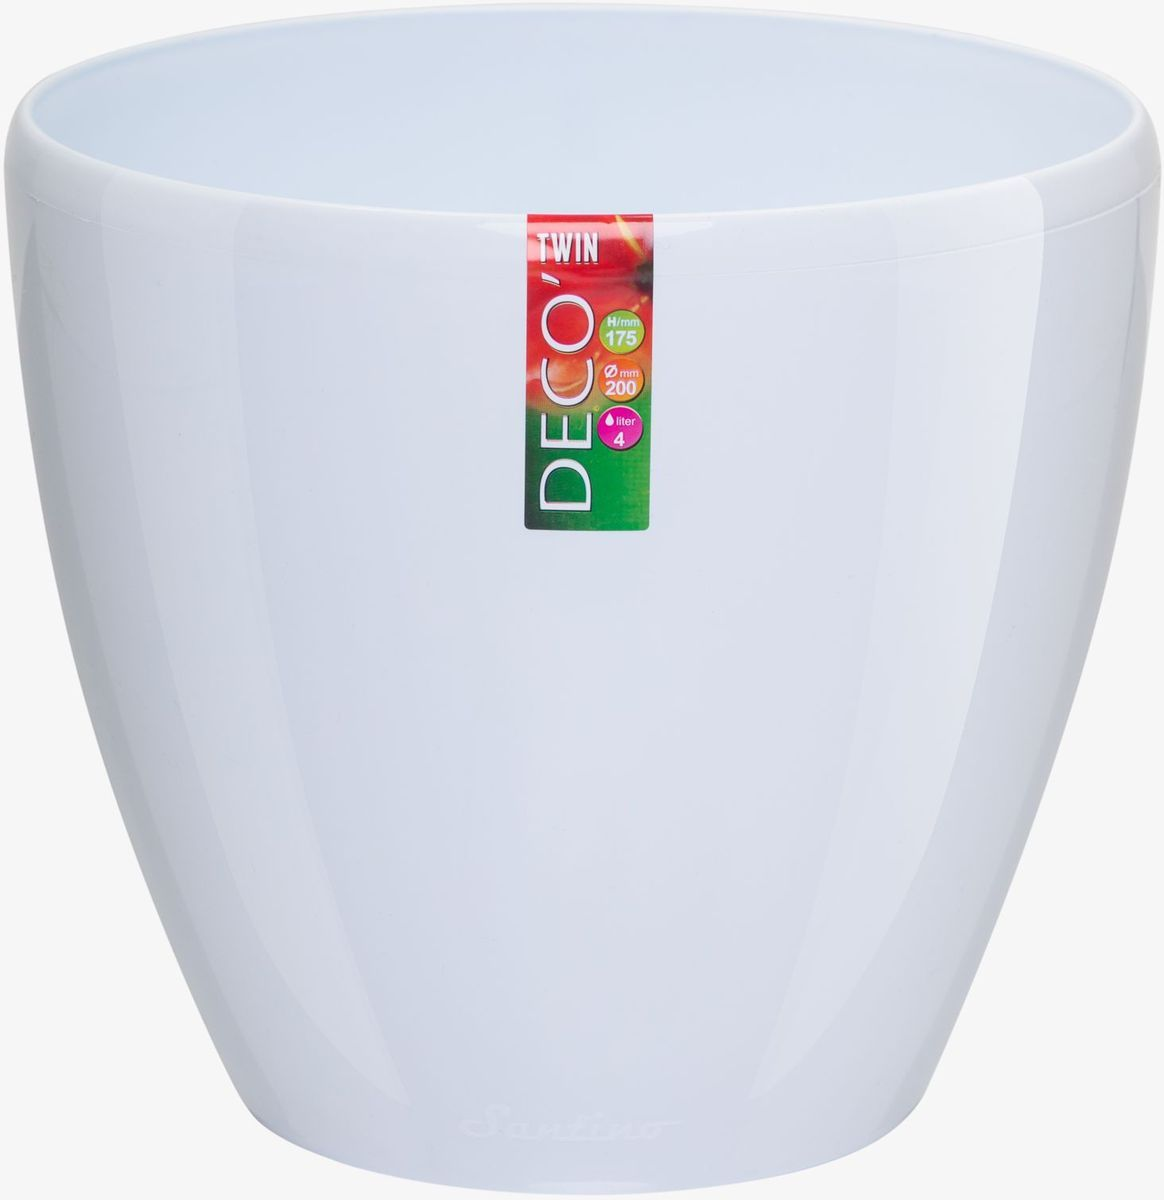 Горшок цветочный Santino Deco Twin, двойной, с системой автополива, цвет: прозрачный, 4 л883418Горшок цветочный Santino Deco Twin снабжен дренажной системой и состоит из кашпо и вазона-вкладыша. Изготовлен из пластика. Особенность: тарелочка или блюдце не нужны. Горшок предназначен для любых растений или цветов. Цветочный дренаж – это система, которая позволяет выводить лишнюю влагу через корневую систему цветка и слой почвы. Растение – это живой организм, следовательно, ему необходимо дышать. В доступе к кислороду нуждаются все части растения: -листья; -корневая система. Если цветовод по какой-либо причине зальет цветок водой, то она буквально вытеснит из почвенного слоя все пузырьки кислорода. Анаэробная среда способствует развитию различного рода бактерий. Безвоздушная среда приводит к загниванию корневой системы, цветок в результате увядает. Суть работы дренажной системы заключается в том, чтобы осуществлять отвод лишней влаги от растения и давать возможность корневой системе дышать без проблем. Следовательно, каждому цветку необходимо: -иметь в основании цветочного горшочка хотя бы одно небольшое дренажное отверстие. Оно необходимо для того, чтобы через него выходила лишняя вода, плюс ко всему это отверстие дает возможность циркулировать воздух. -на самом дне горшка необходимо выложить слоем в 2-5 см (зависит от вида растения) дренаж.УВАЖАЕМЫЕ КЛИЕНТЫ!Обращаем ваше внимание на тот факт, что фото изделия служит для визуального восприятия товара. Литраж и размеры, представленные на этикетке товара, могут по факту отличаться от реальных. Корректные данные в поле Размеры.